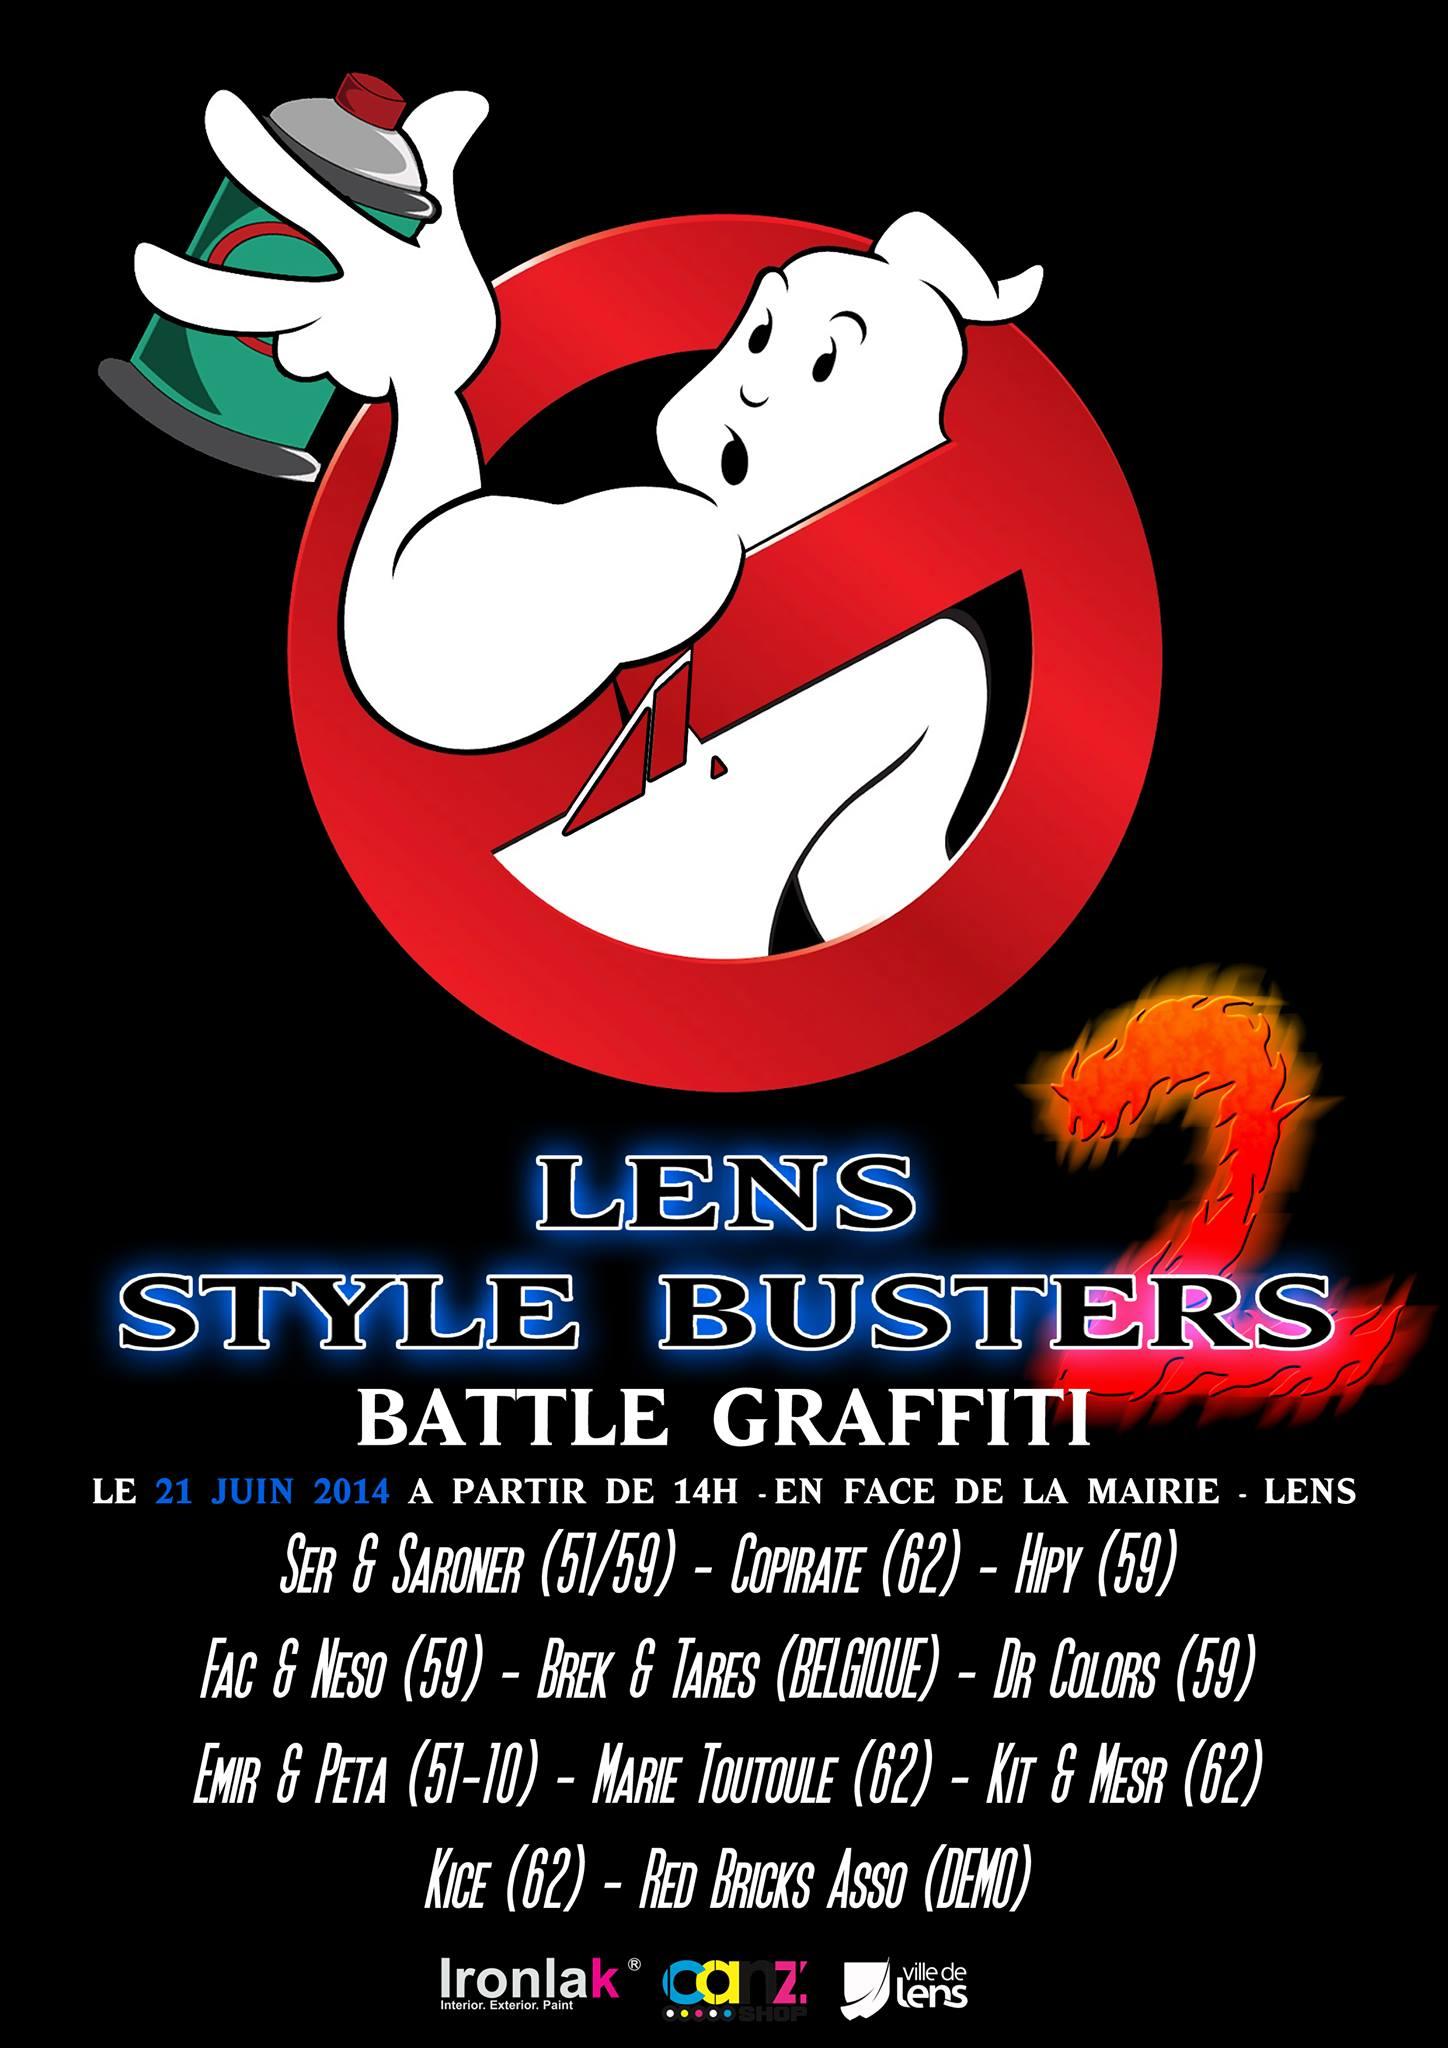 Battle Graffiti à Lens numéro 2